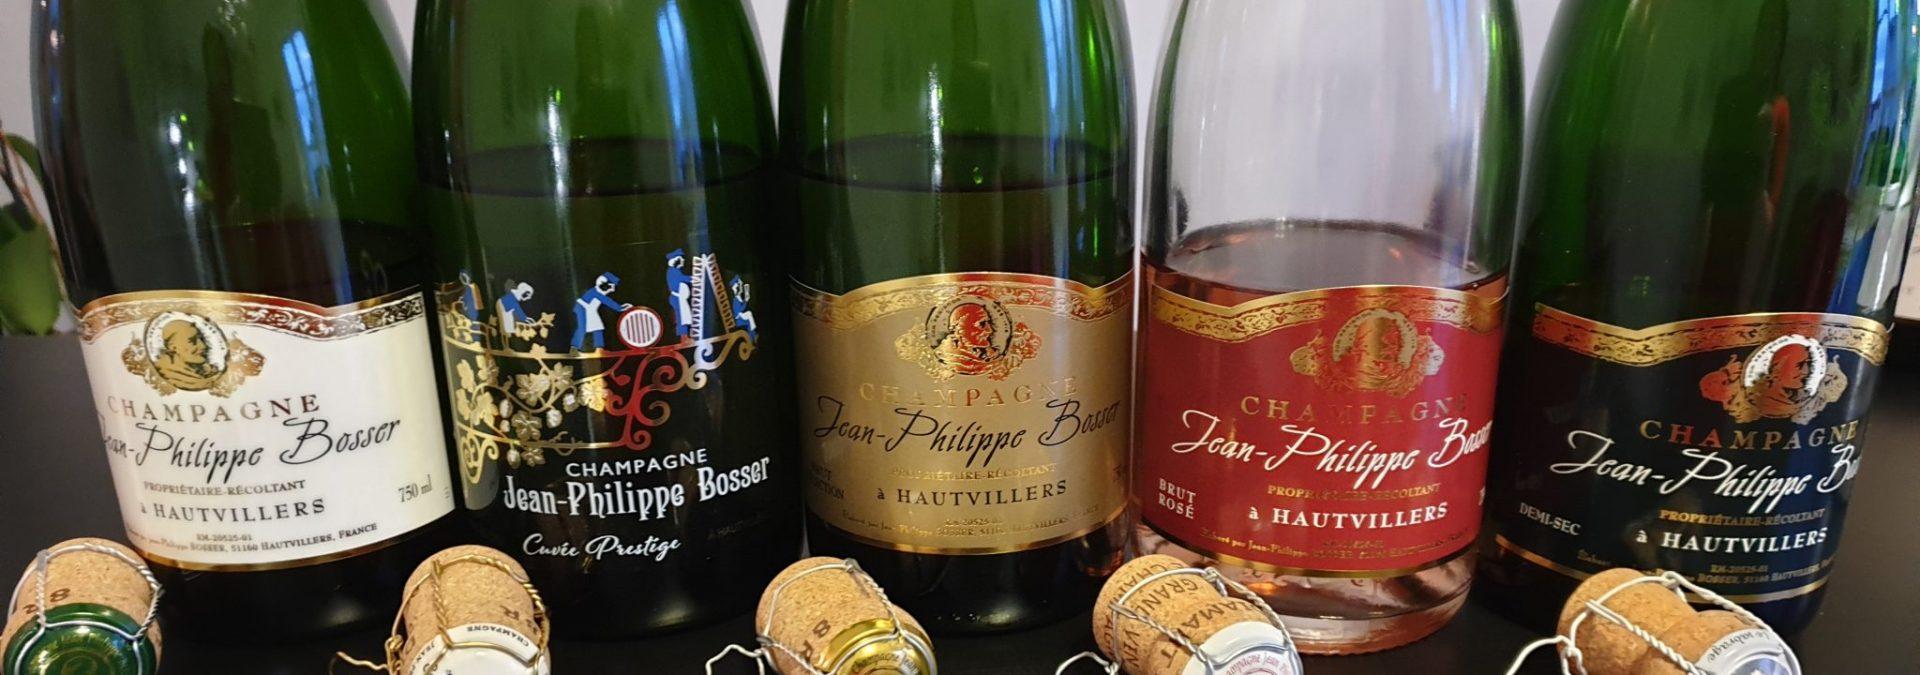 Champagne Jean-Philippe BOSSER